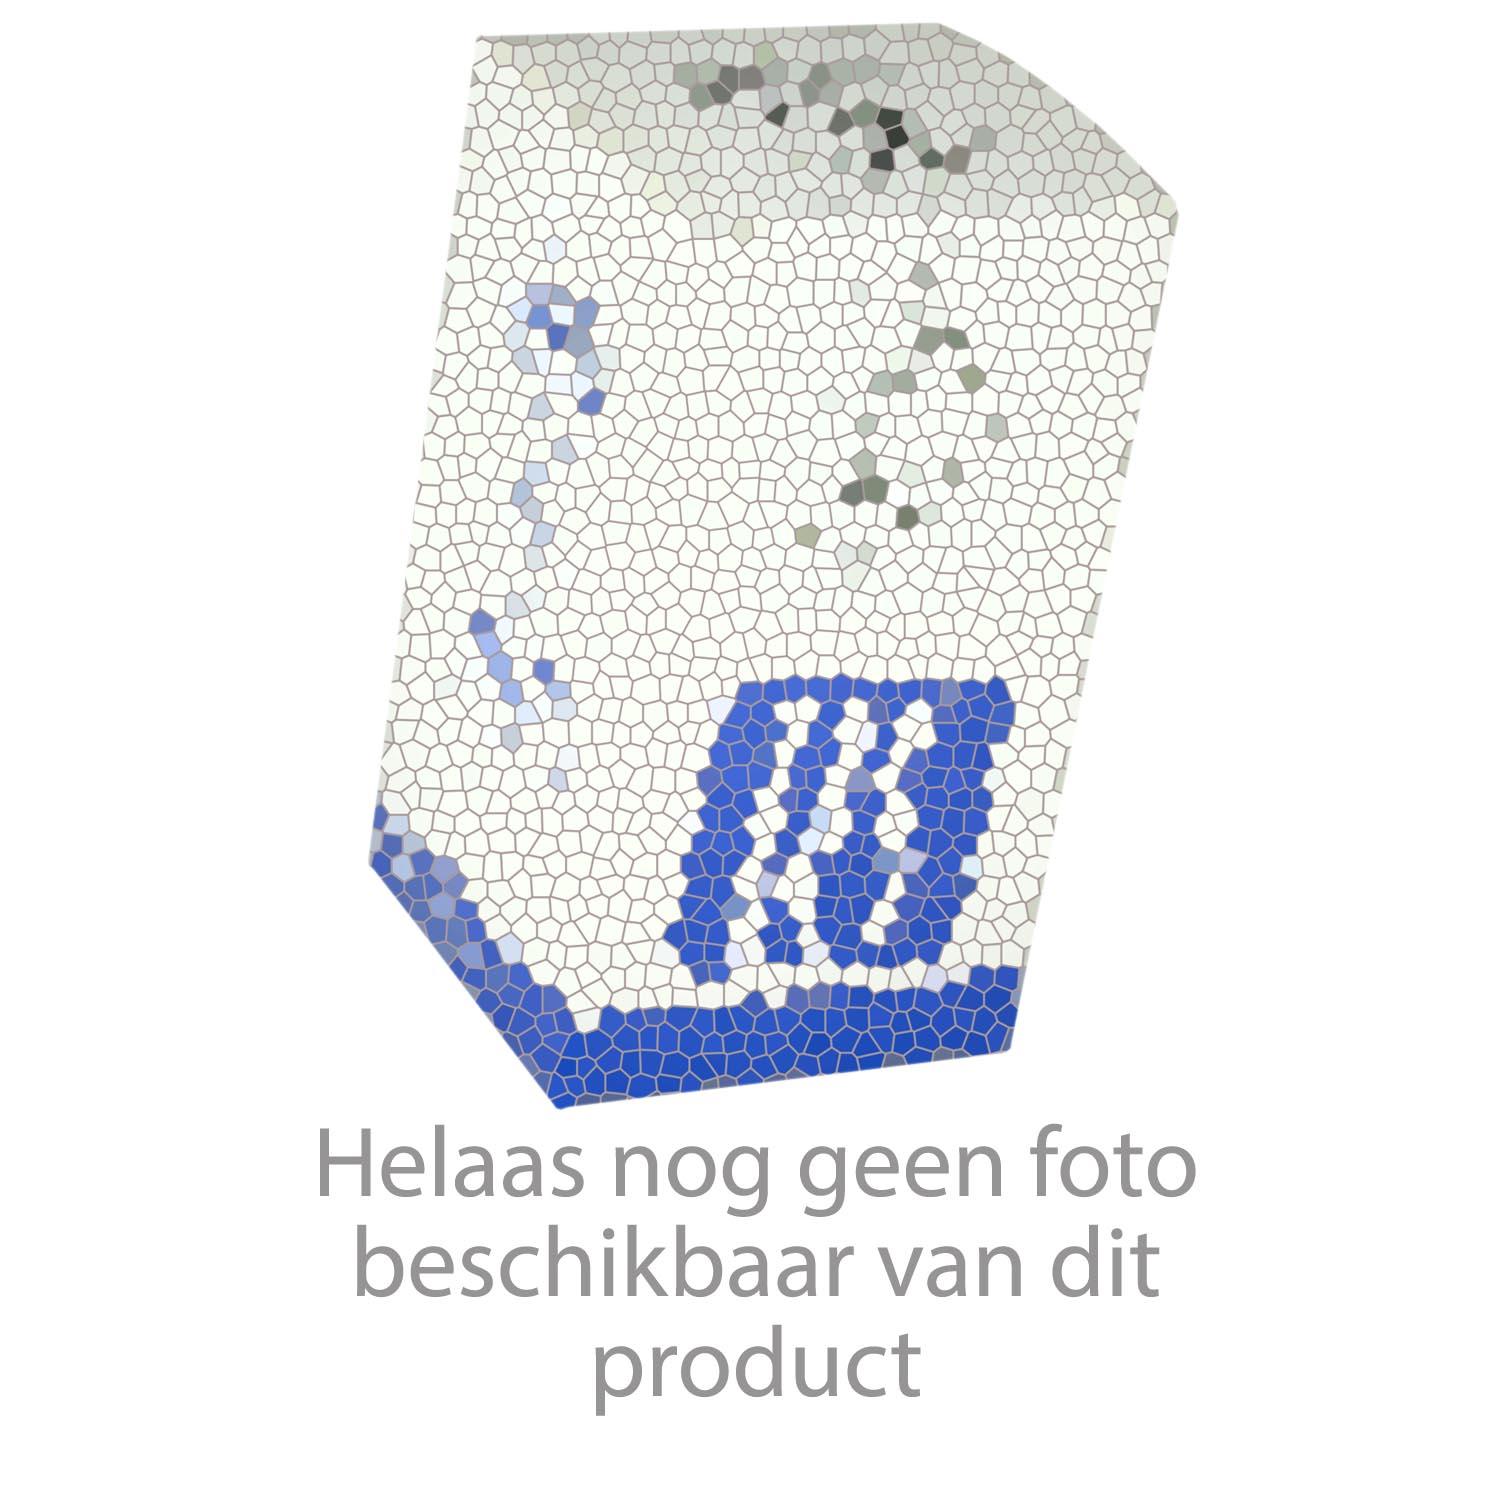 HansGrohe Afvoer- en overloopgarnituren Wastegarnituur productiejaar > 06/02 50001 onderdelen